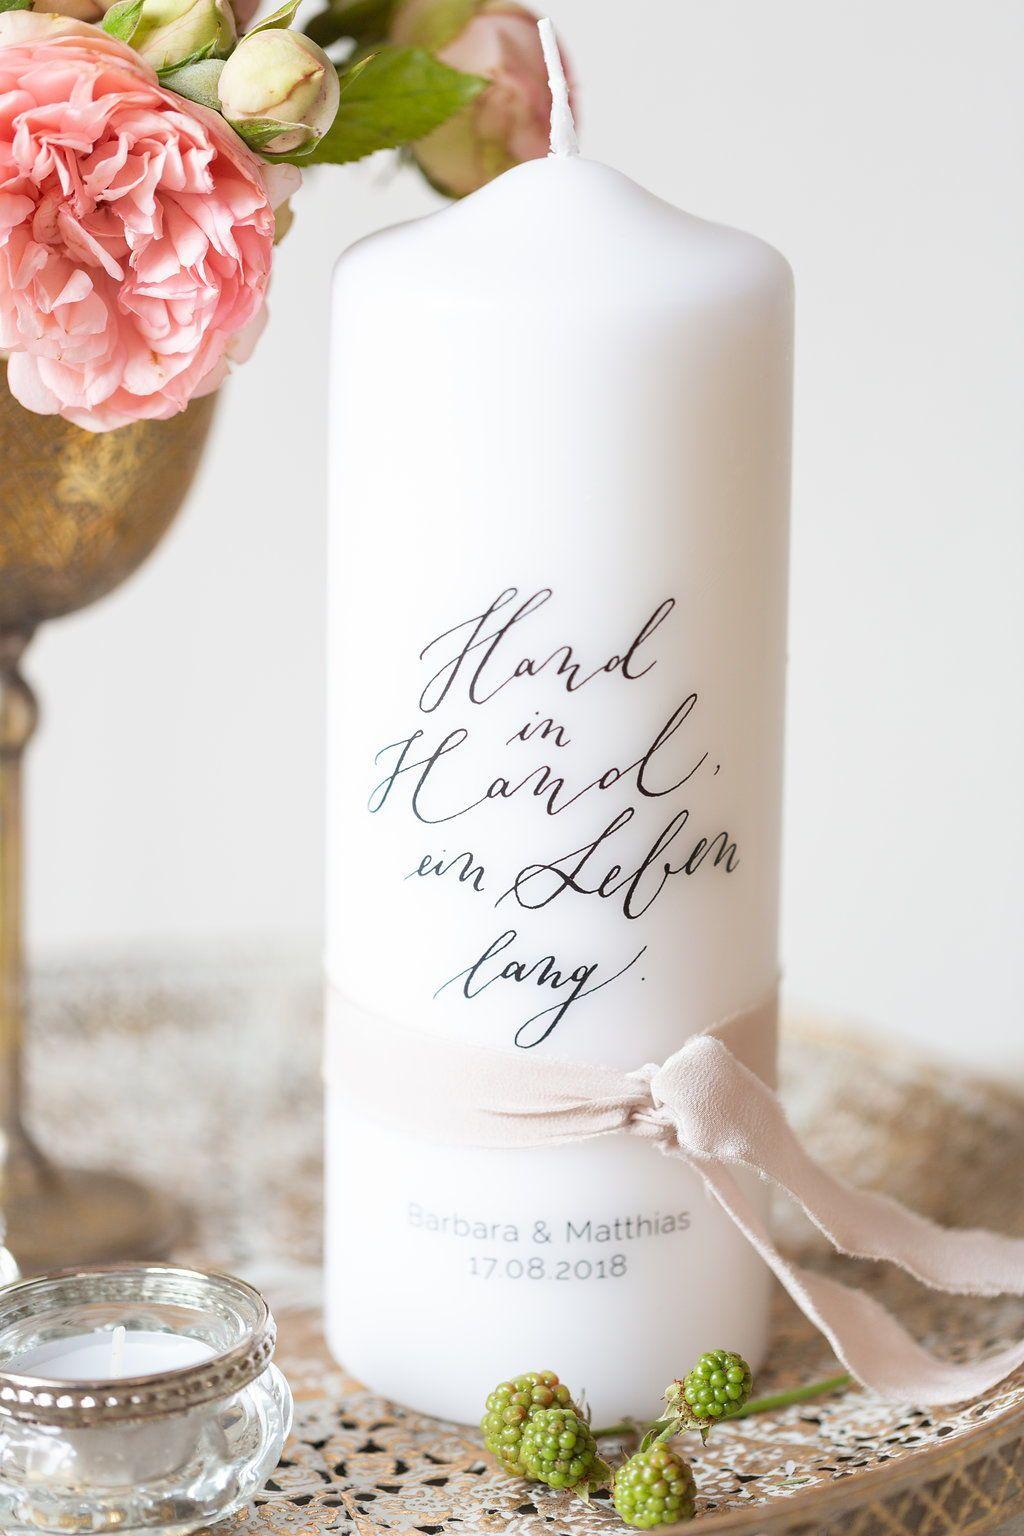 personalisierte Hochzeitskerze und Traukerze Hand in Hand ein Leben lang › Hochzeitsdekoration - The Little Wedding Corner Shop